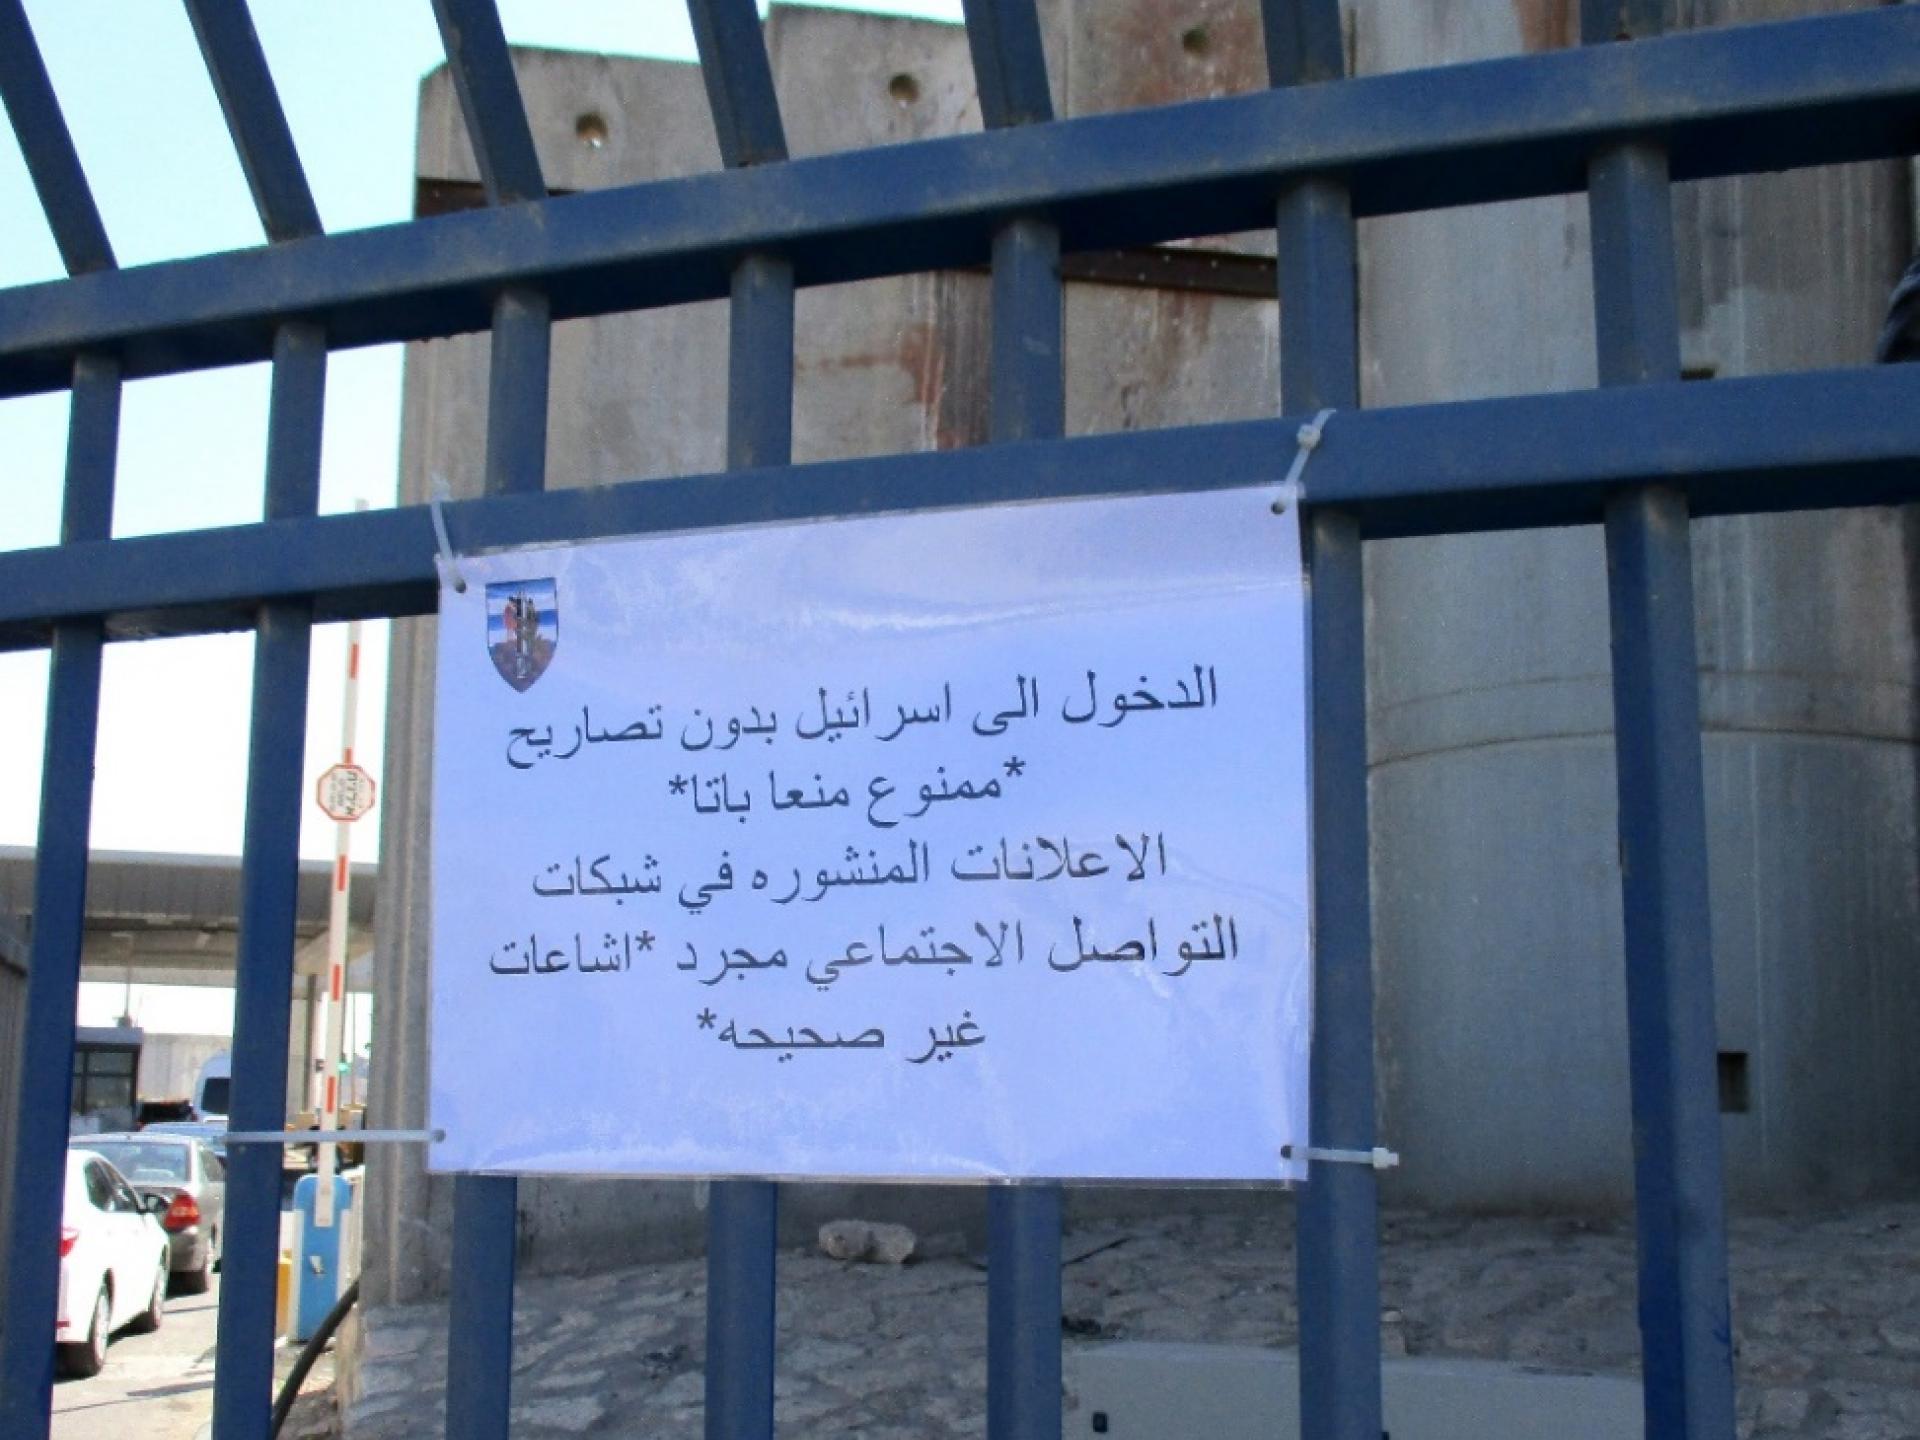 שלט מחוזק לשער הכניסה למחסום הרכבים